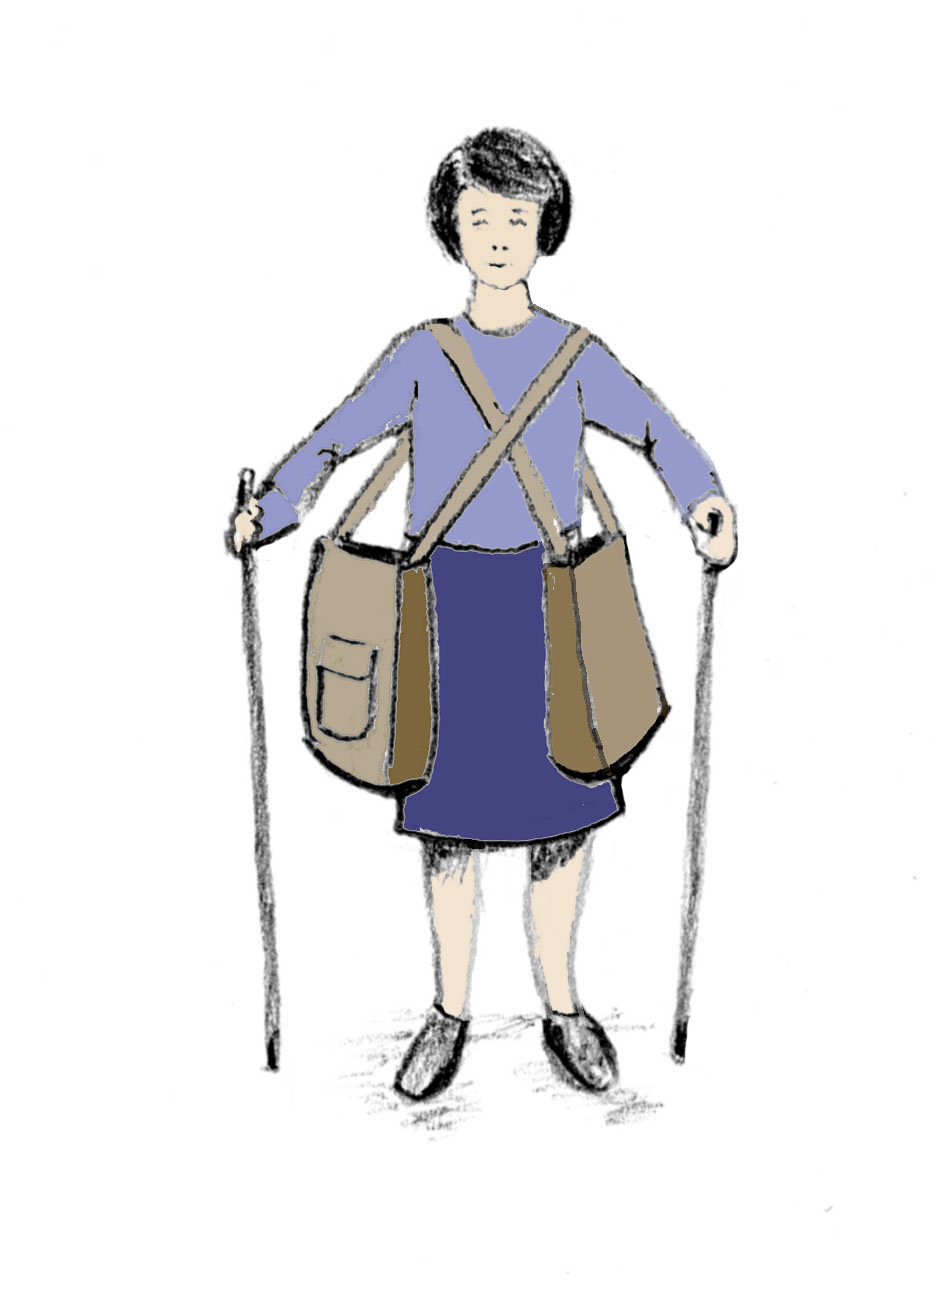 Handbagage Två Väskor : Axelkassar f?r dig med r?relsehinder som anv?nder kryckor